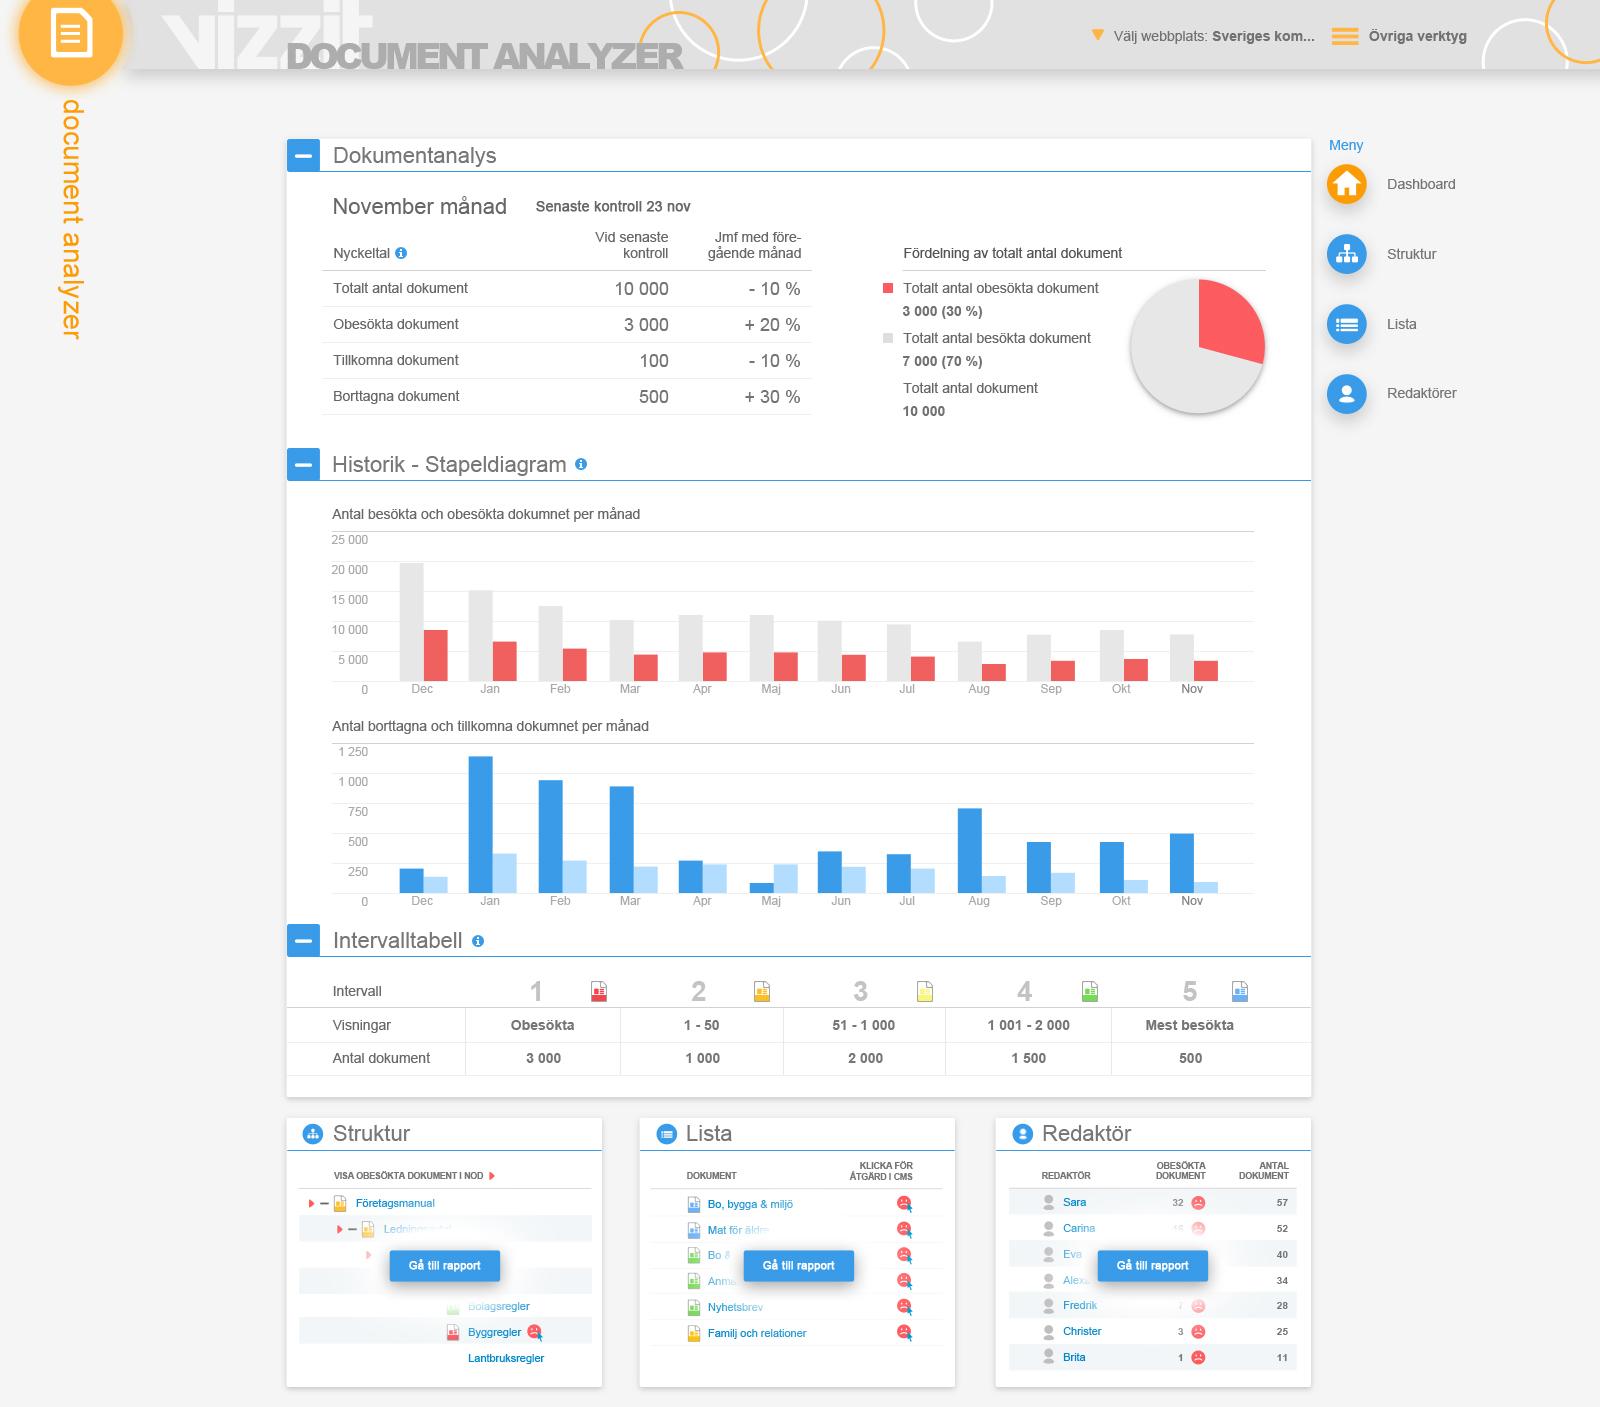 documentanalyzer.dashboard